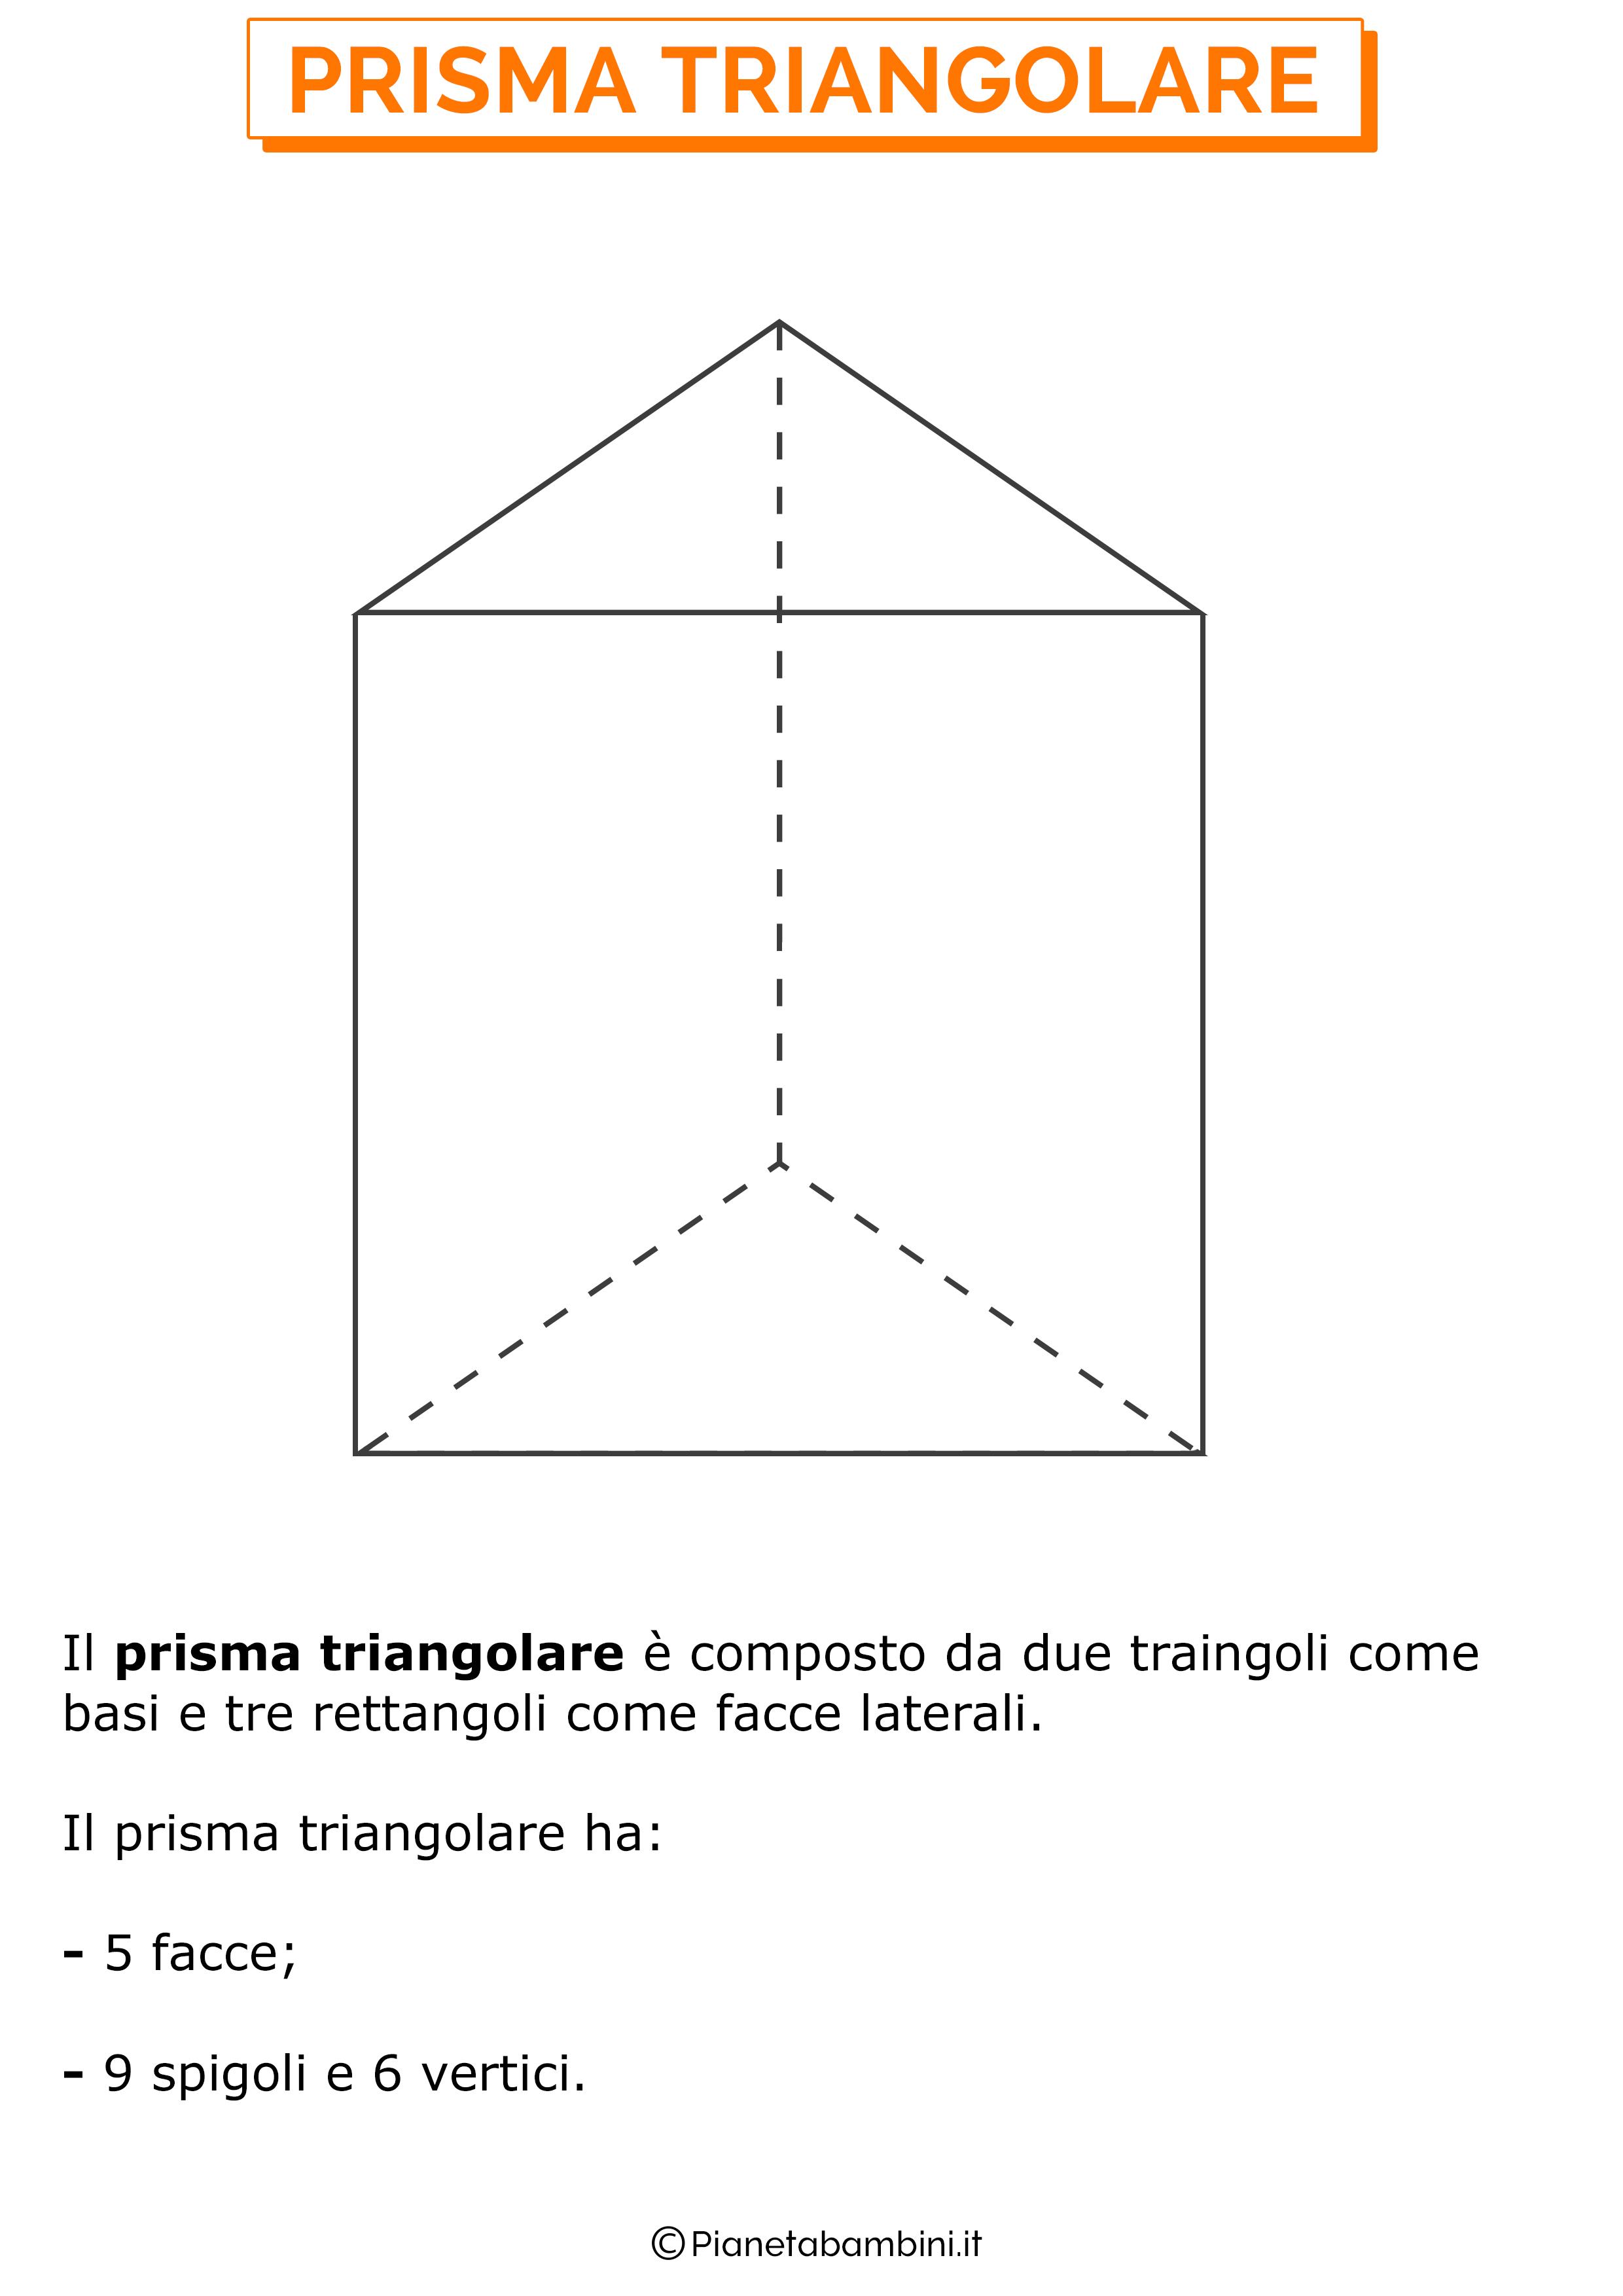 Immagine del prisma triangolare